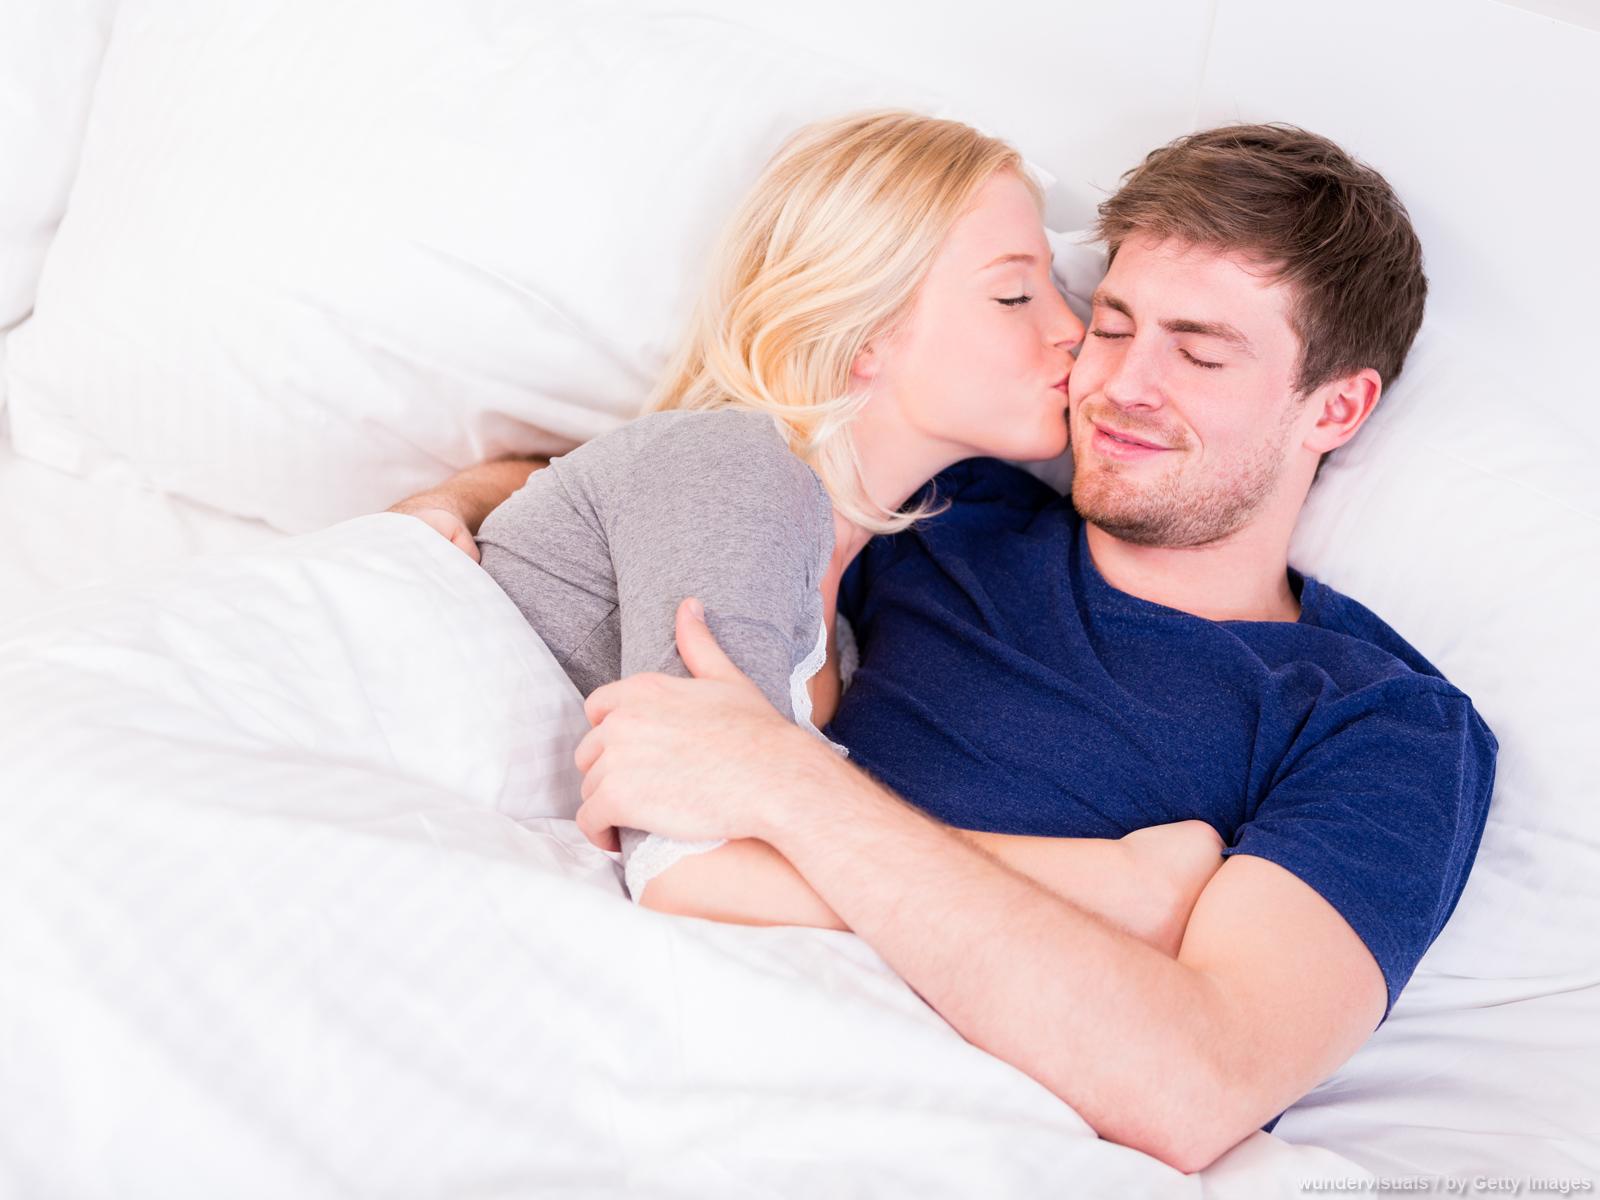 Sexo no casamento: para o casal cristão, vale tudo?